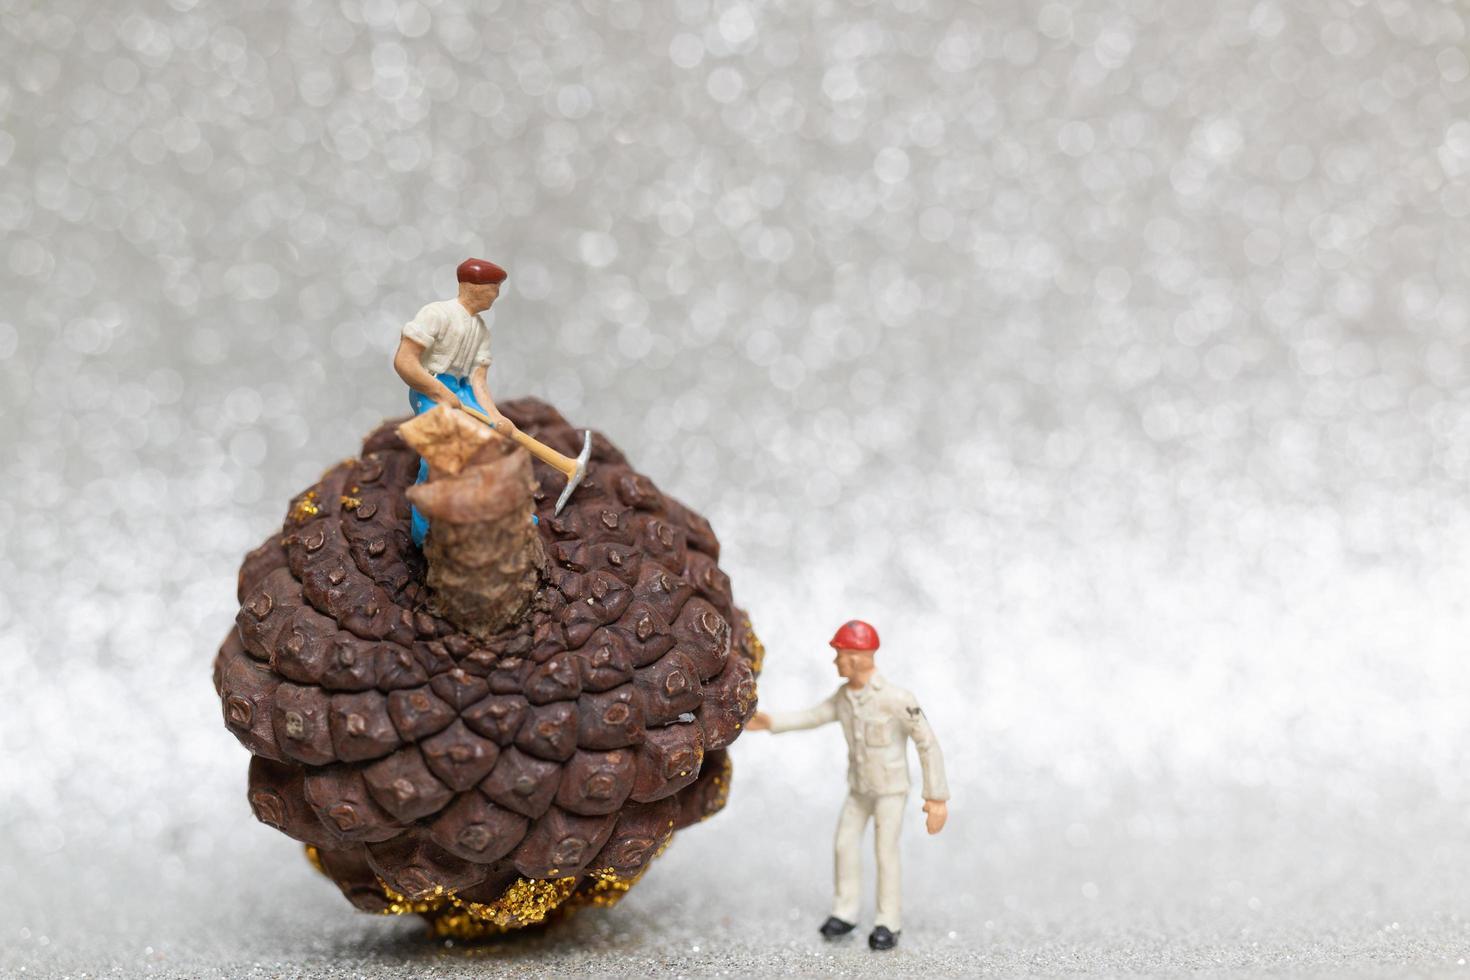 miniatuurfiguren van een team dat werkt aan een kerstdennenappel foto